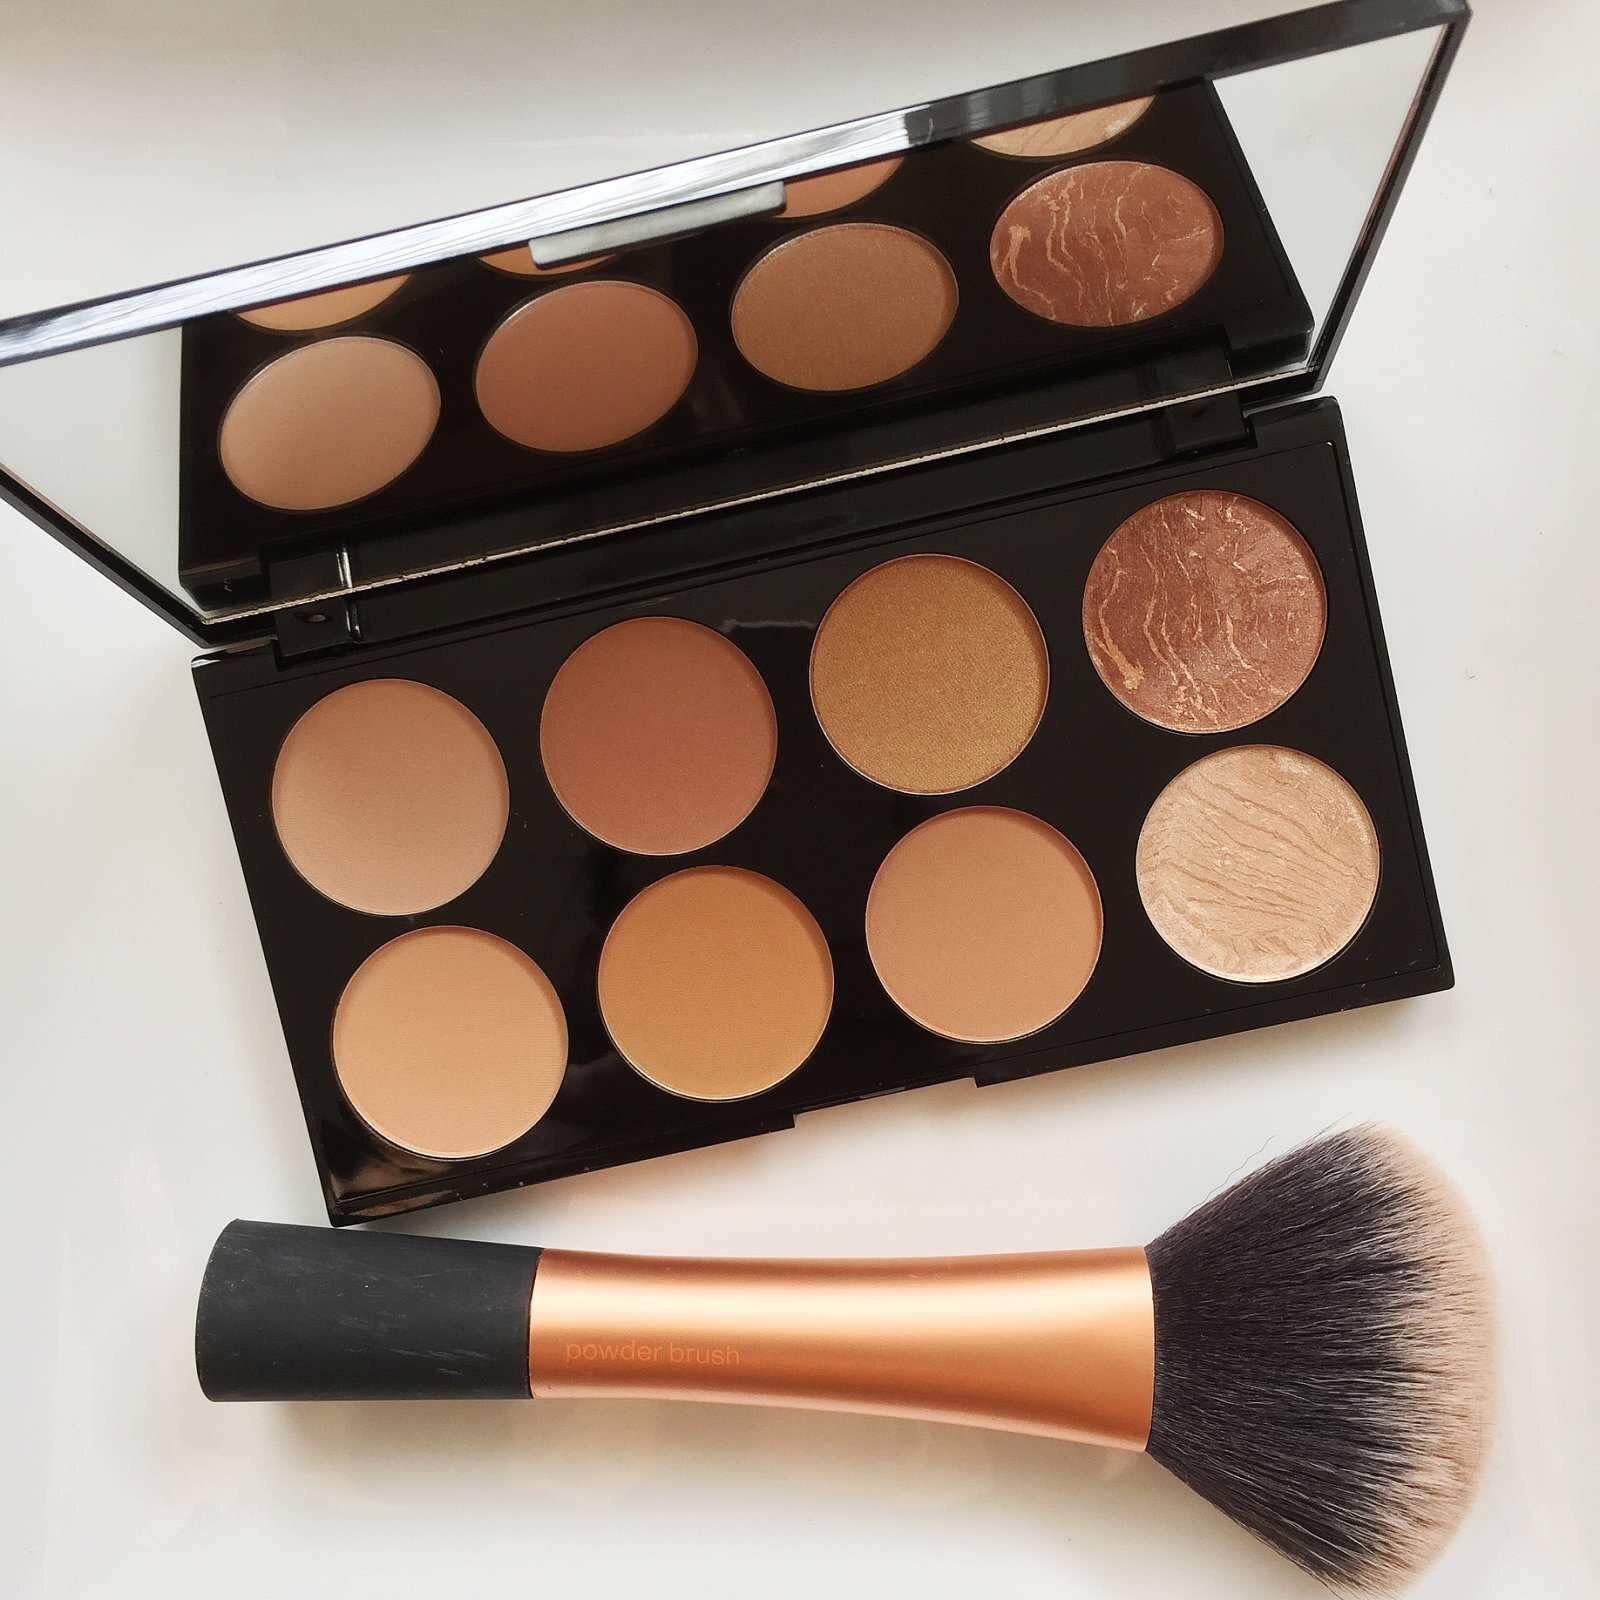 Bronzer Makeup Revolution. Bronzer makeup, Pink makeup